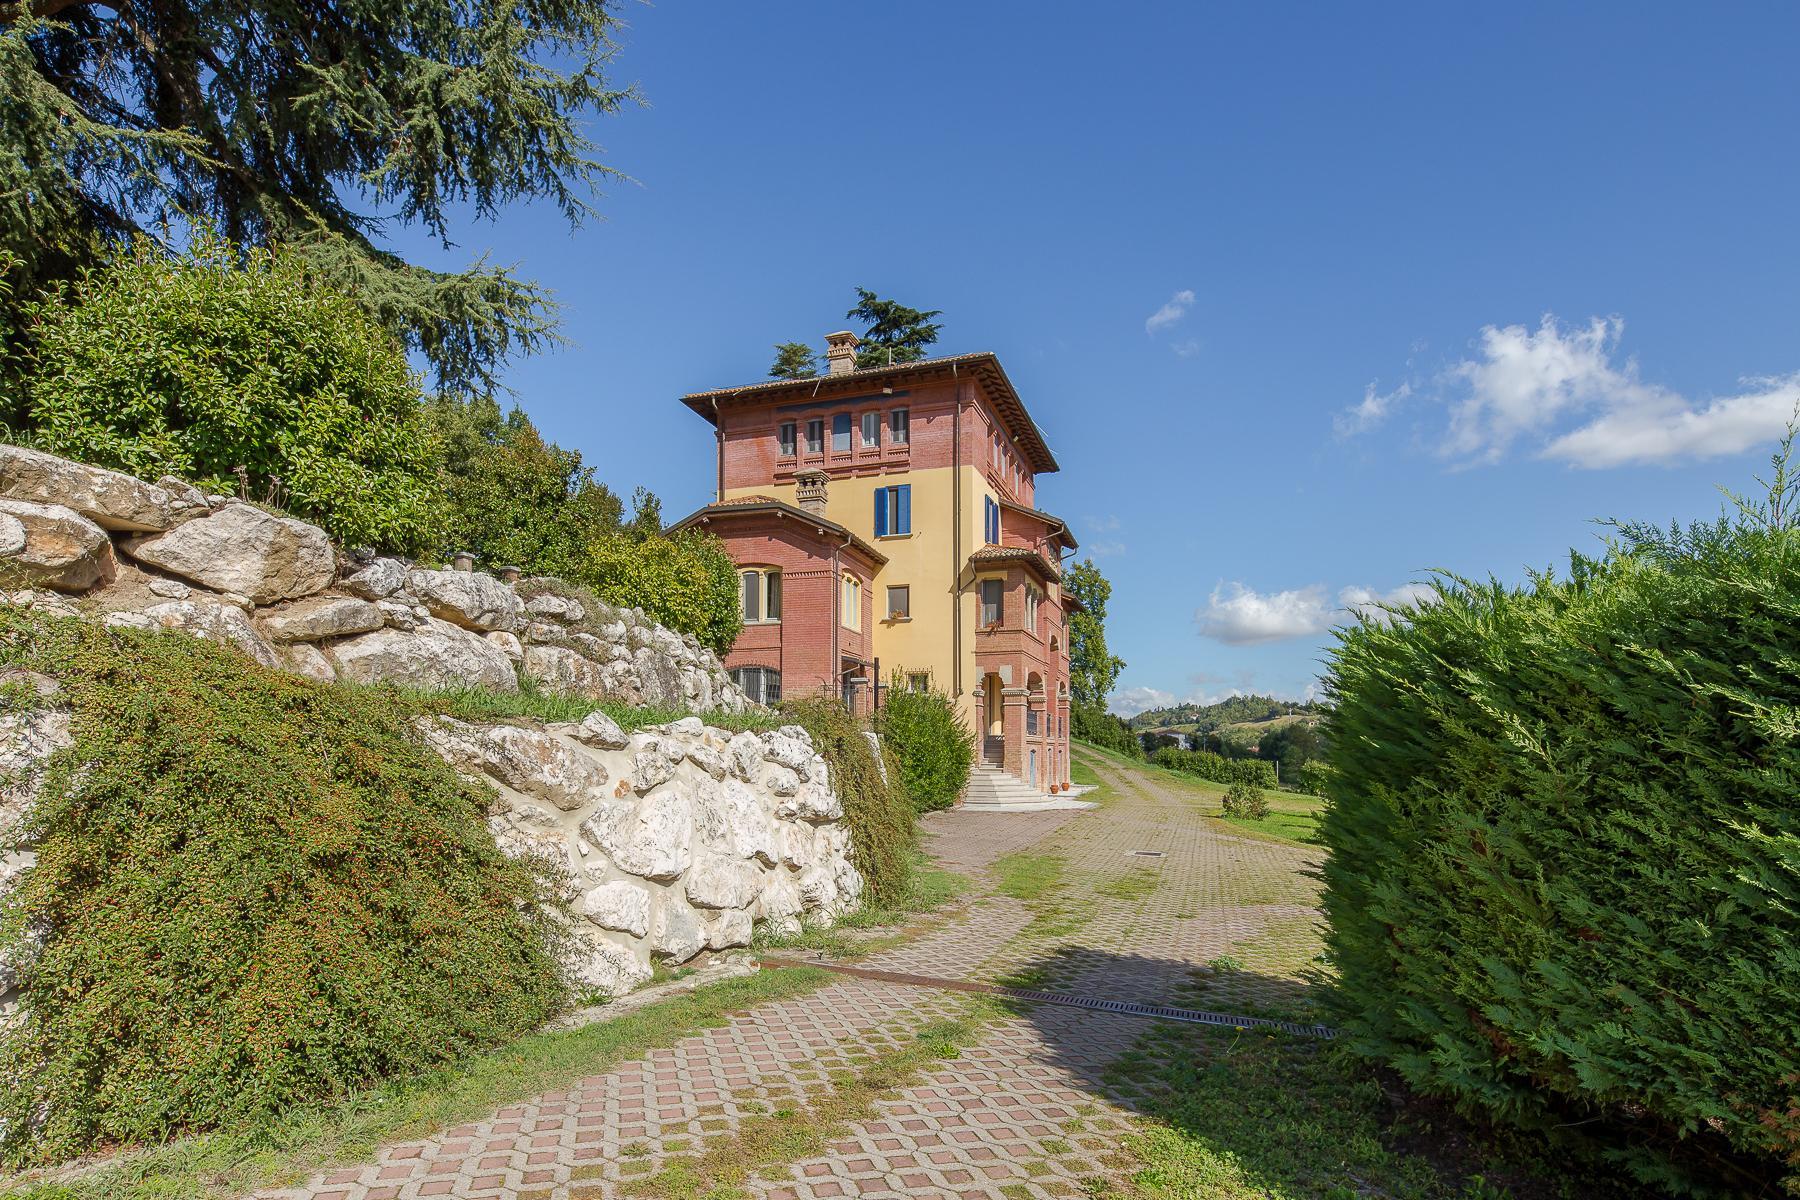 Magnifique villa d'époque à Salsomaggiore Terme - 5